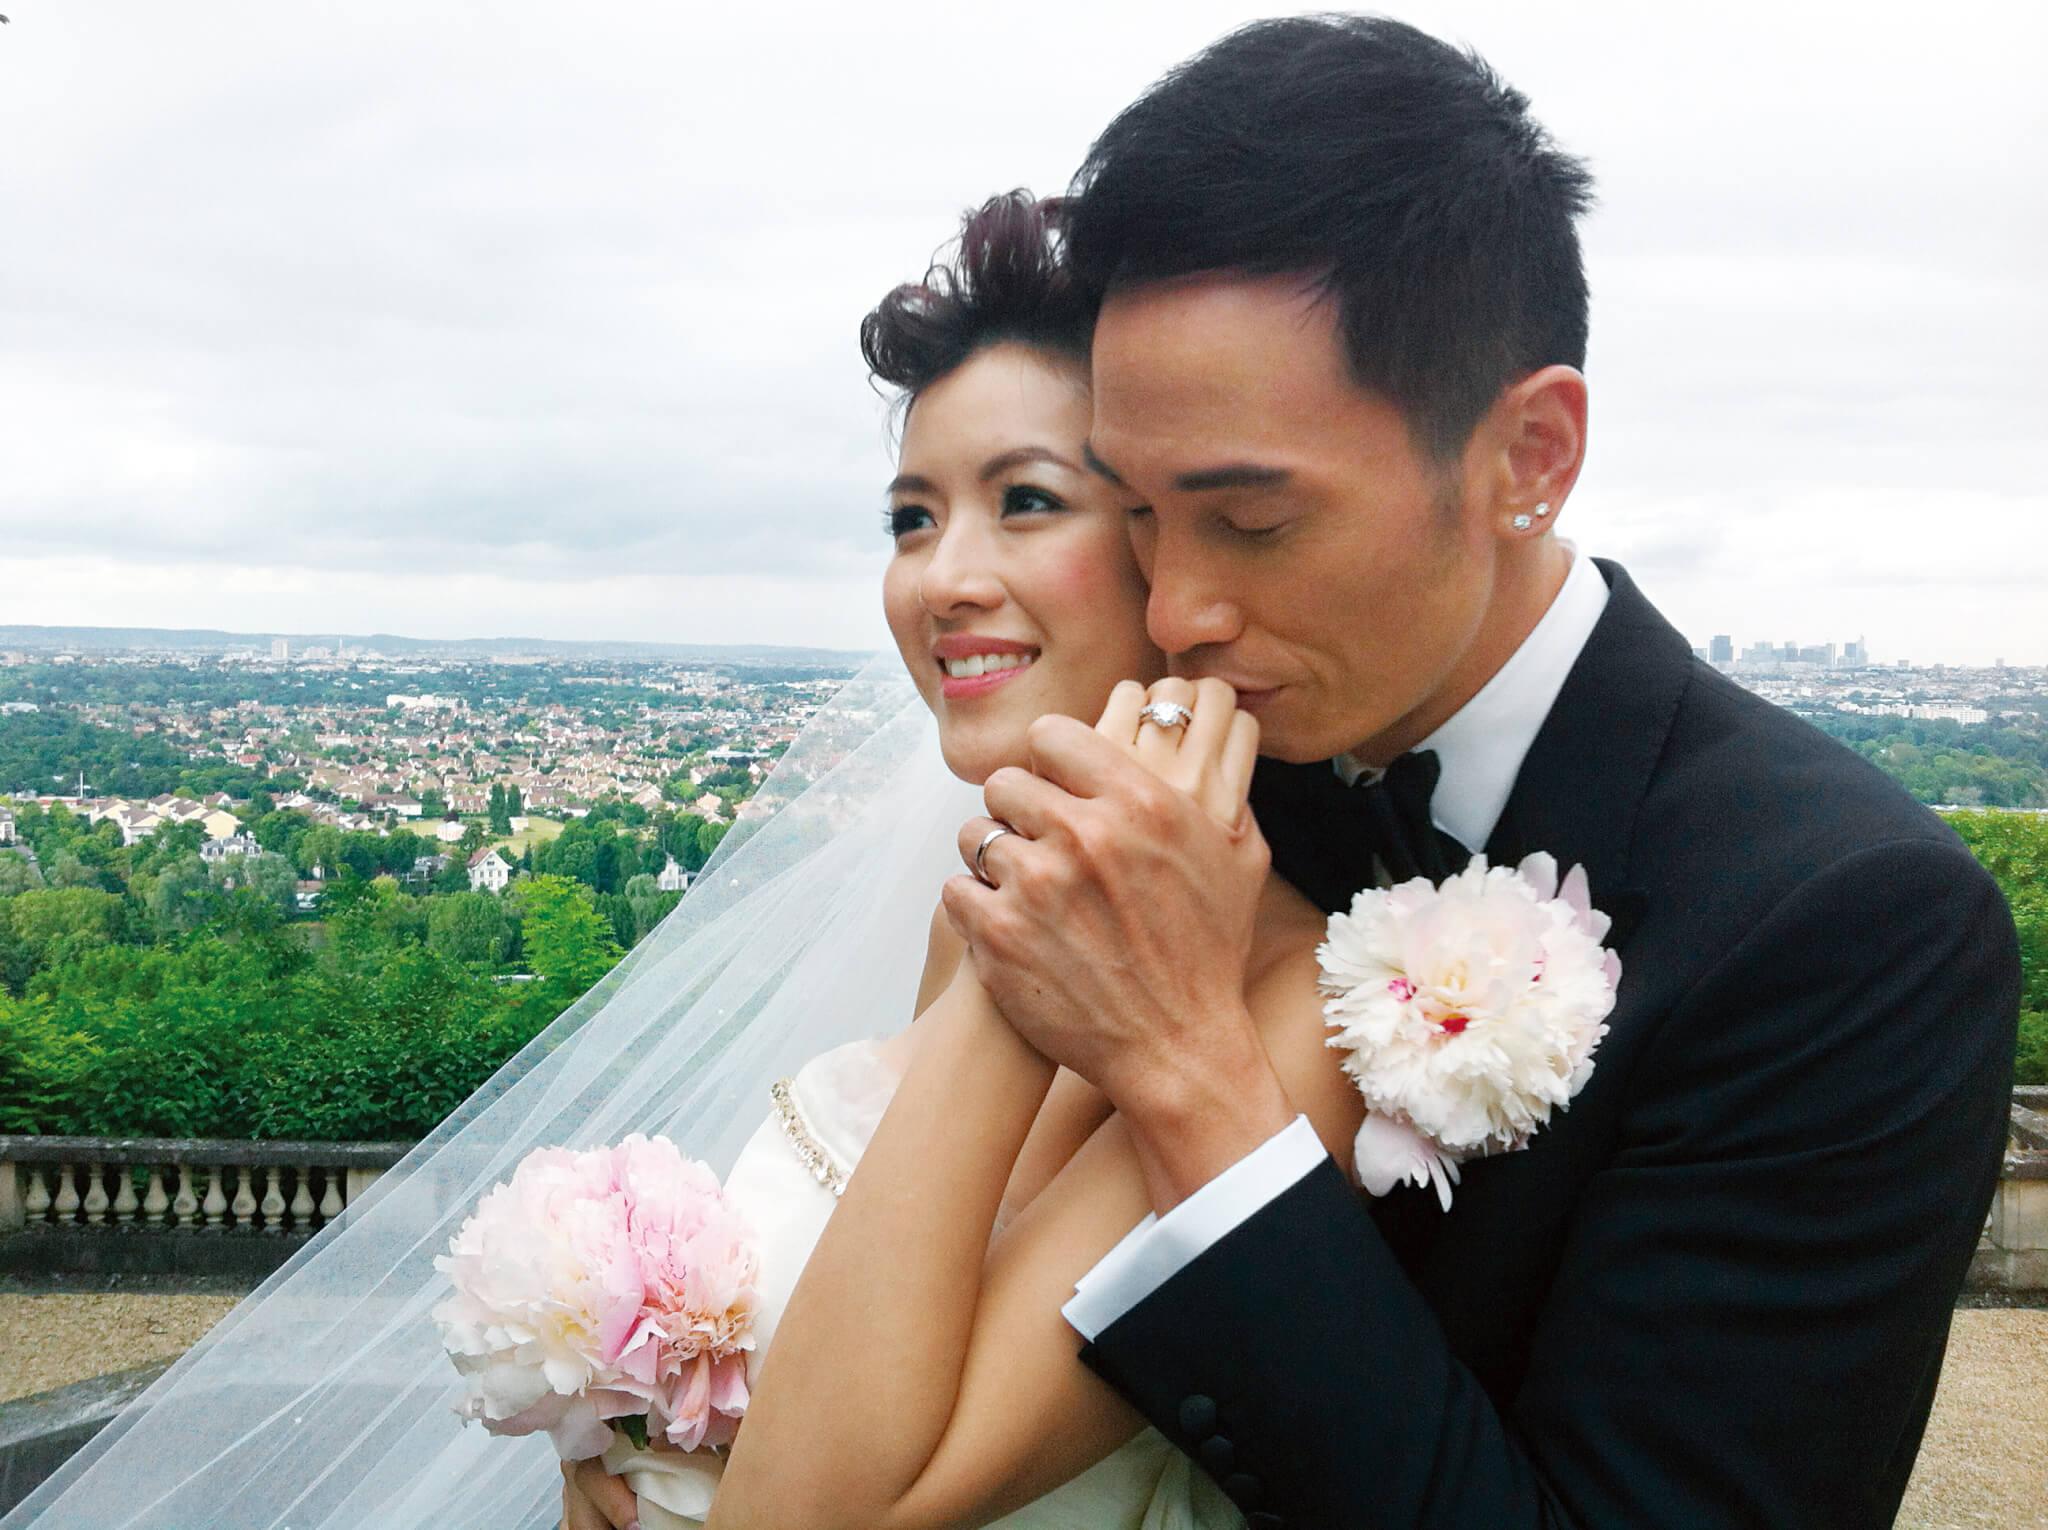 陳茵媺於2010年與陳豪在拍攝《心戰》時相戀,兩人拍拖2年,2013年6月11日在巴黎結婚,7月在多倫多擺酒。